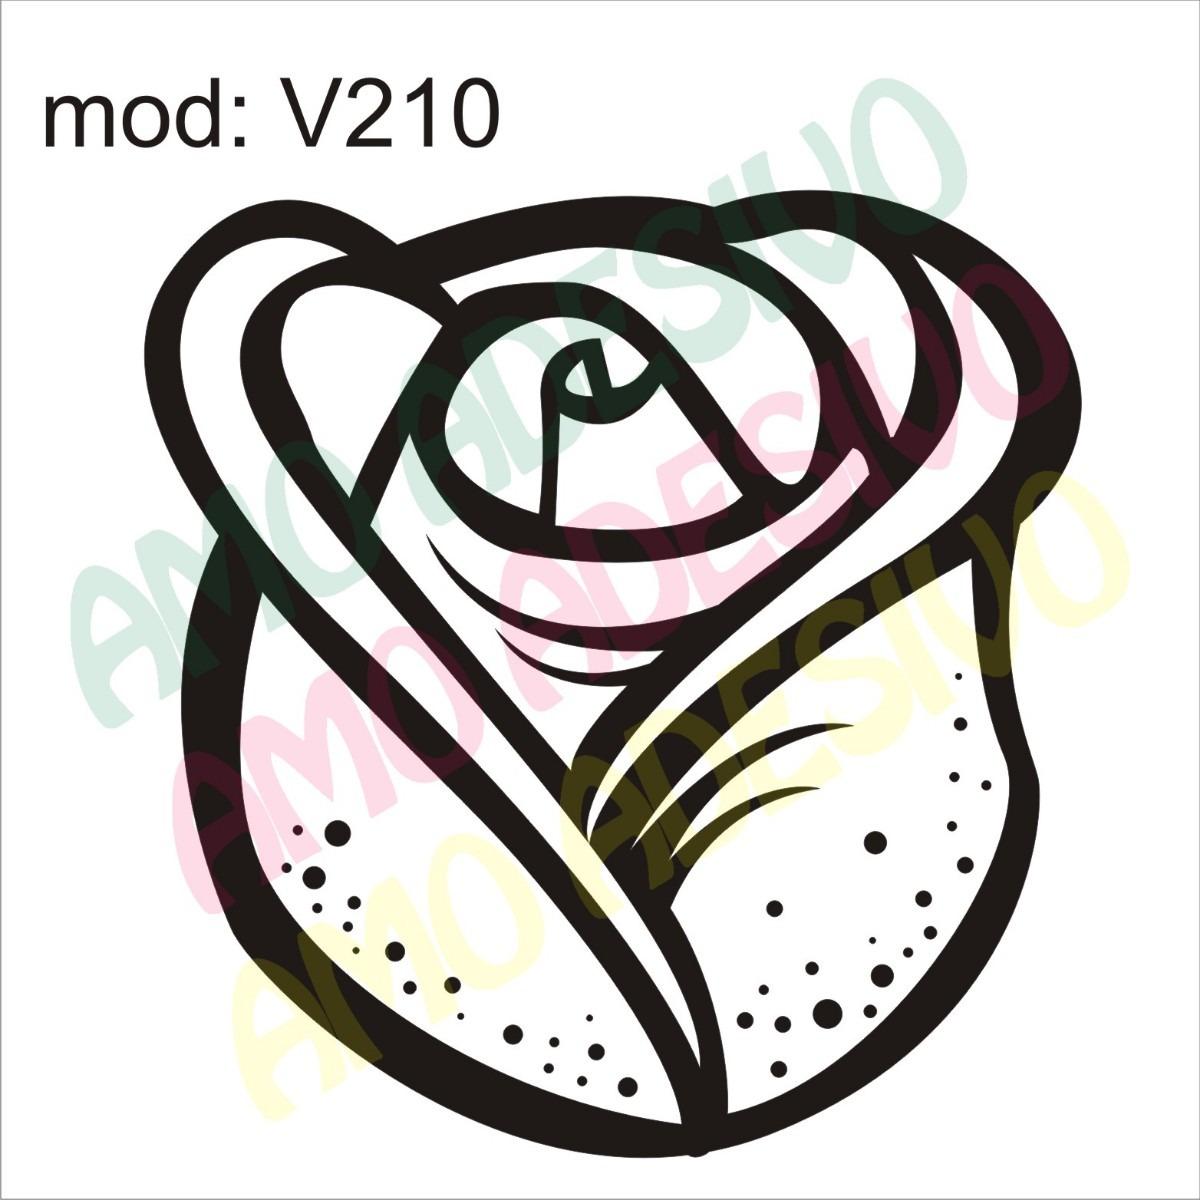 adesivo-v210-flor-rosa-desenho-abstrato-decorativo-de-parede-13460-MLB20078031634_042014-F.jpg